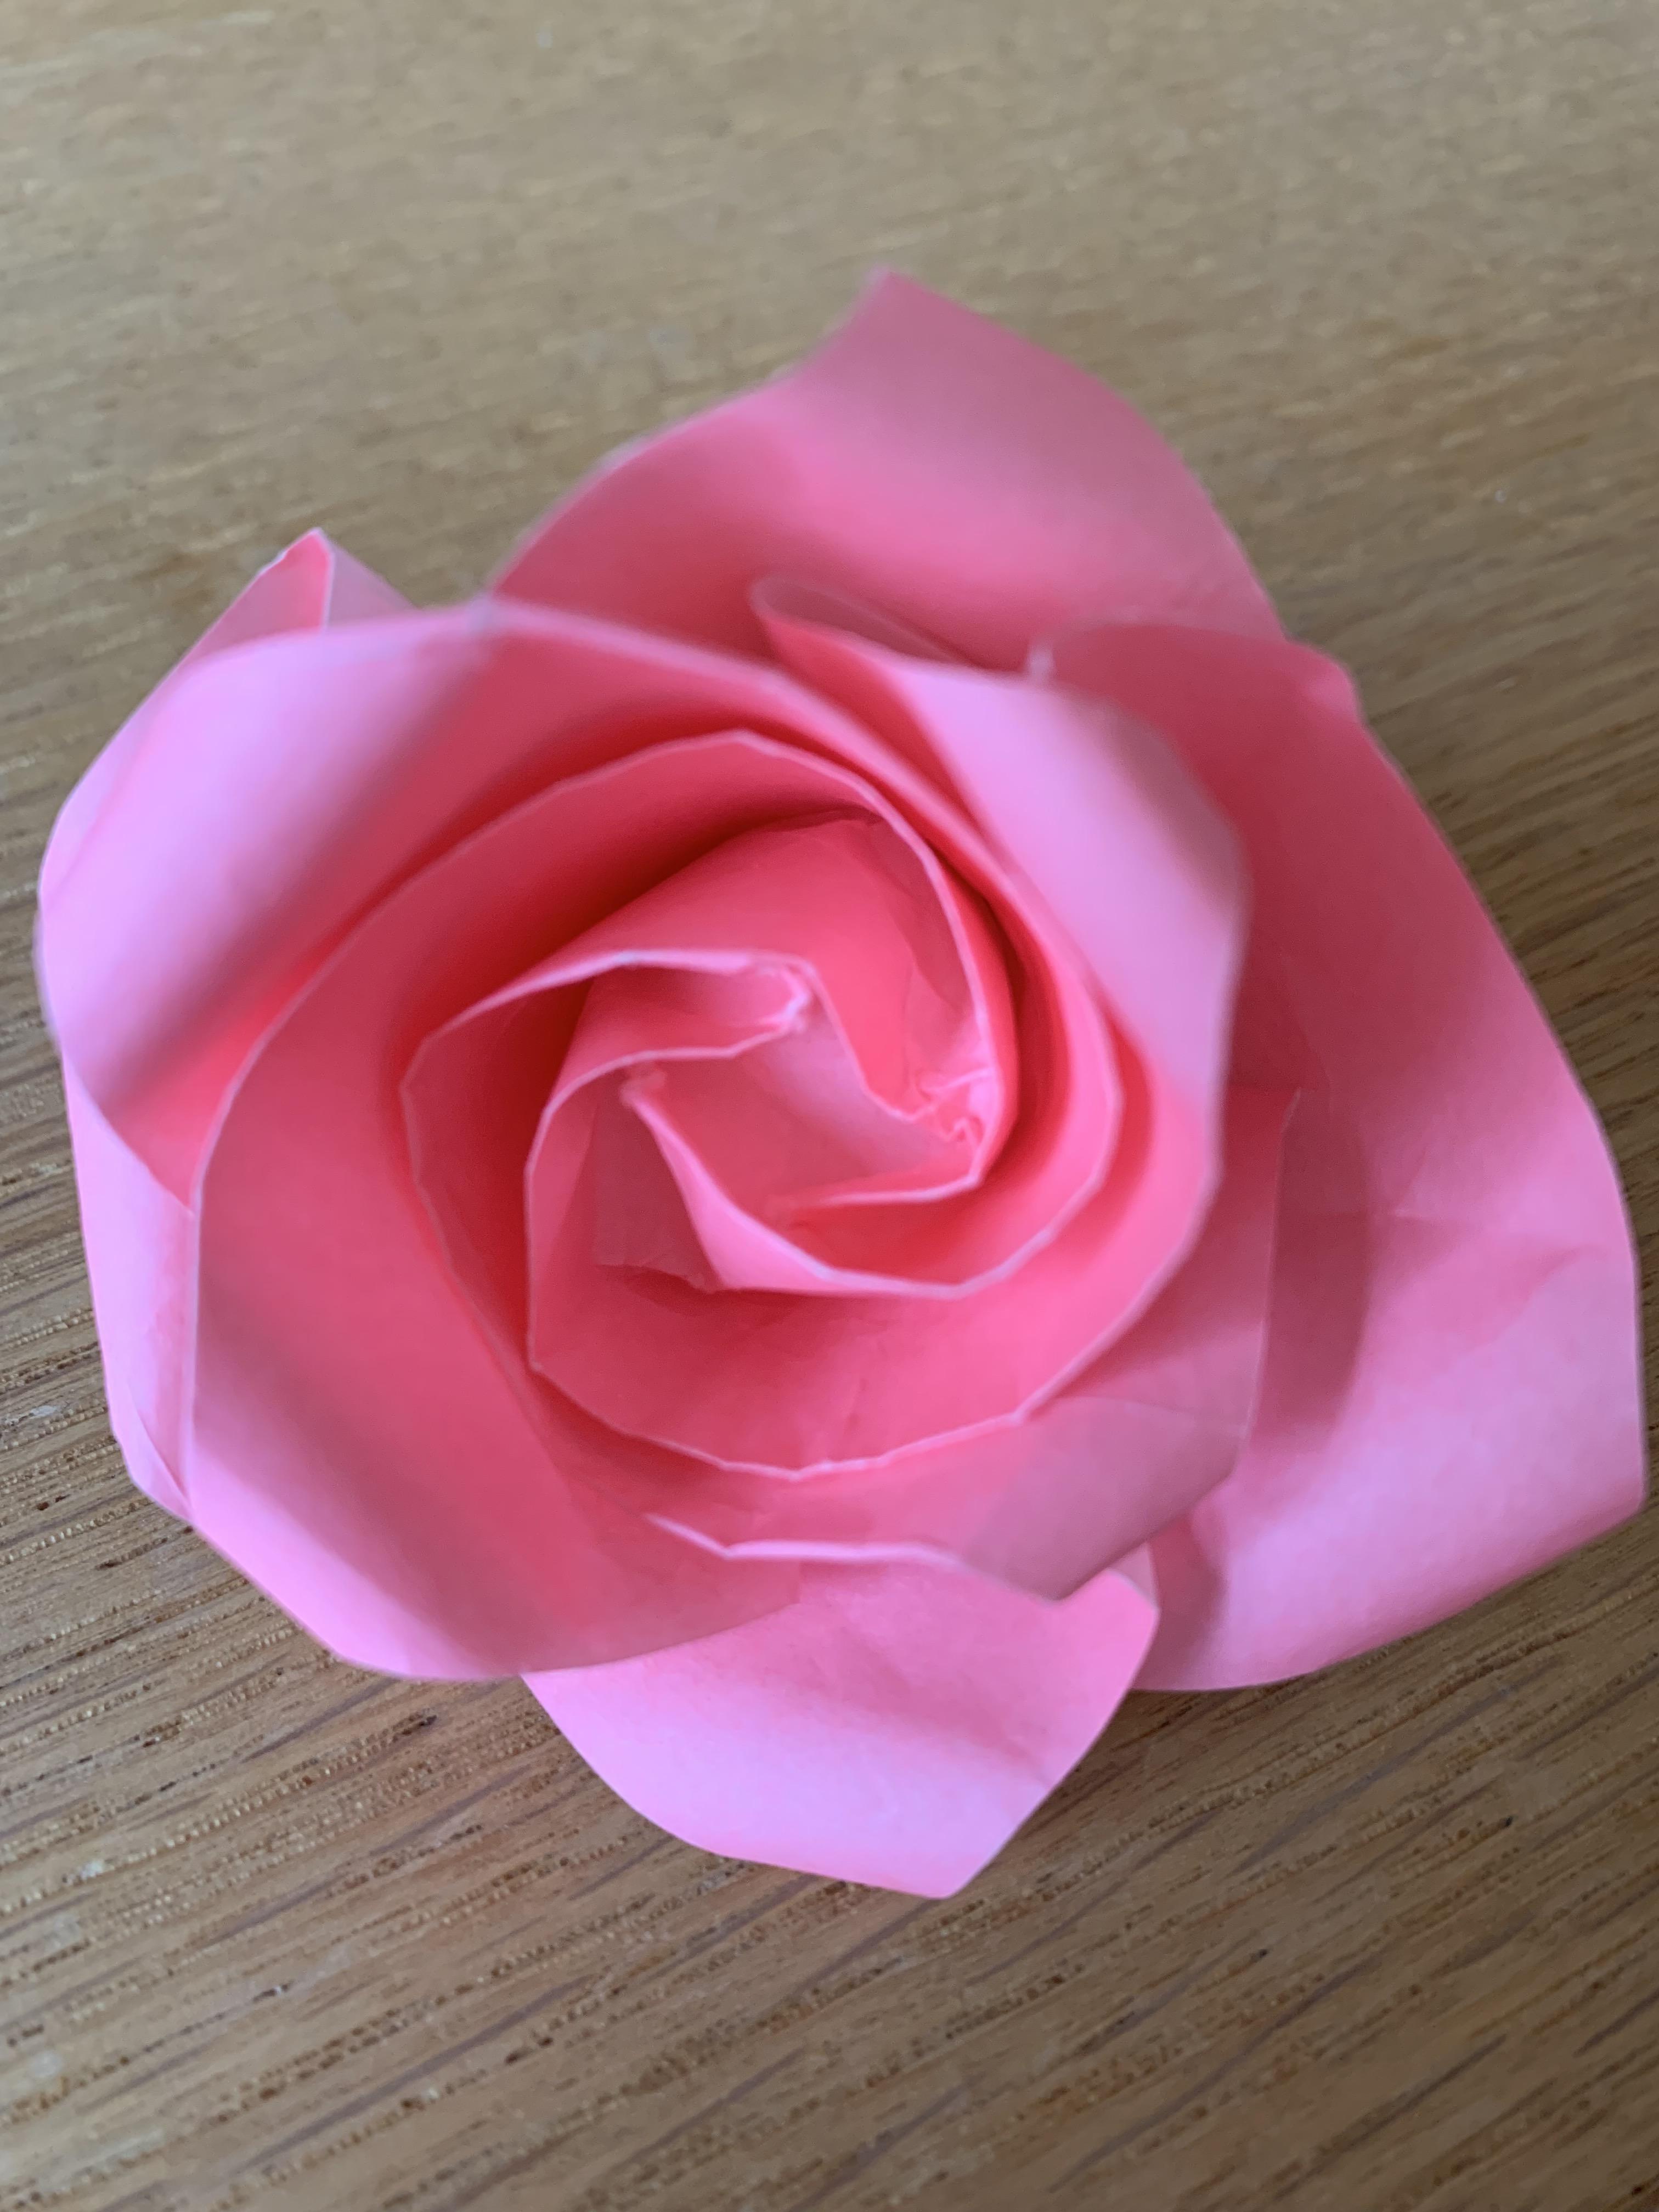 Rose rose sur fond bois clair